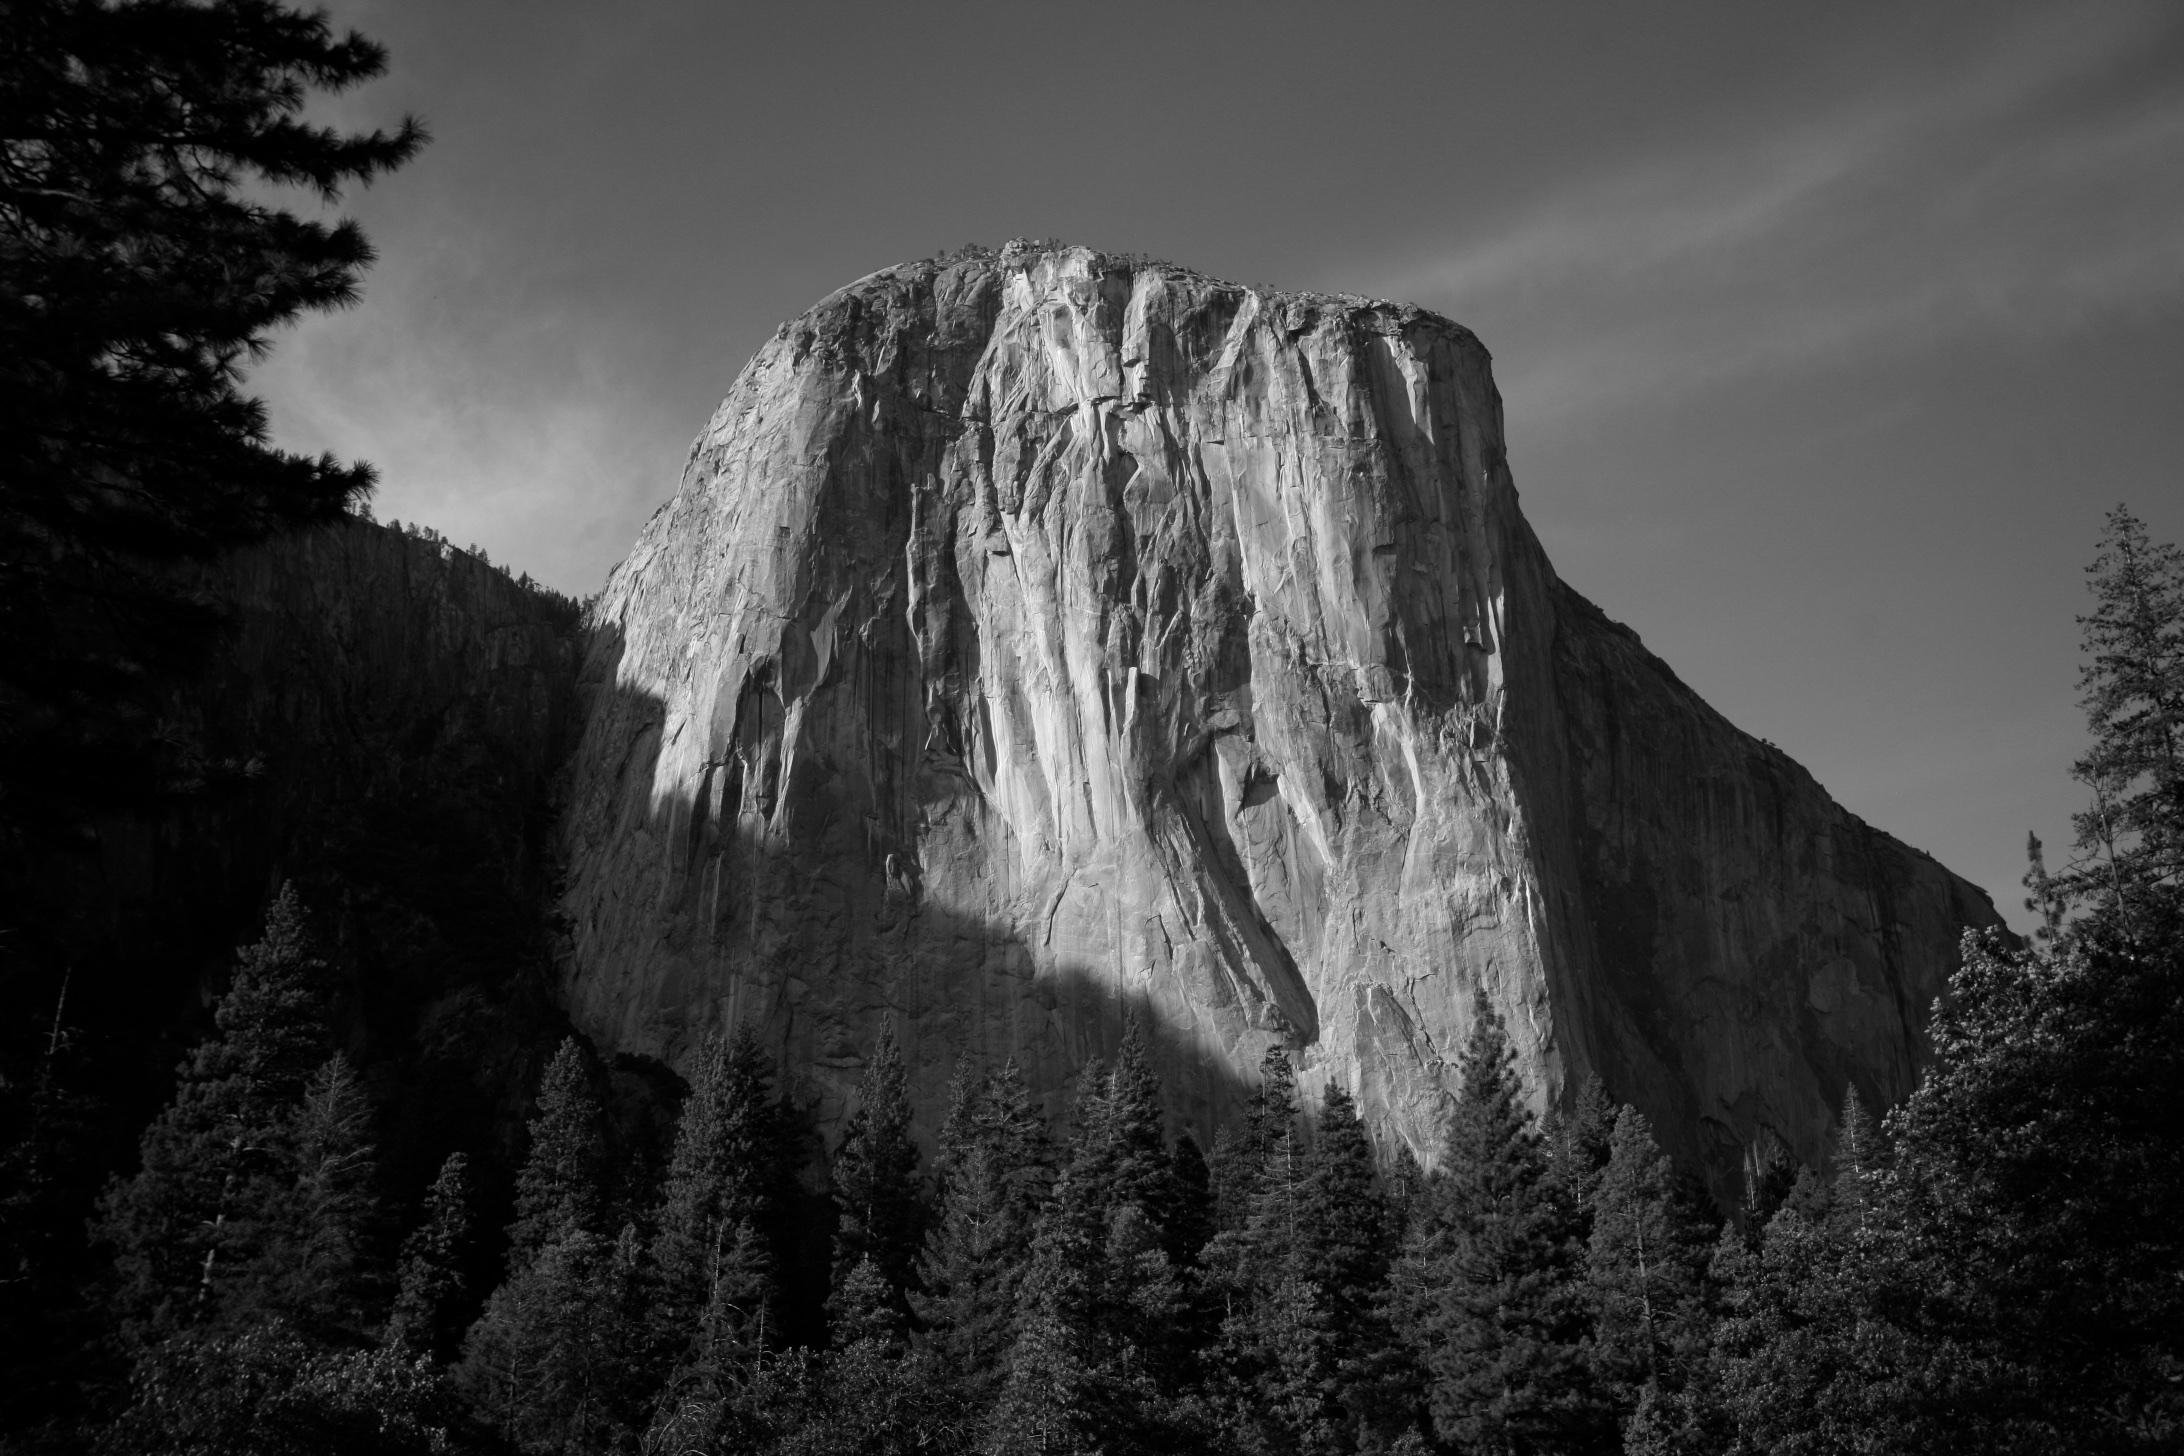 008_YosemiteStreak.jpg